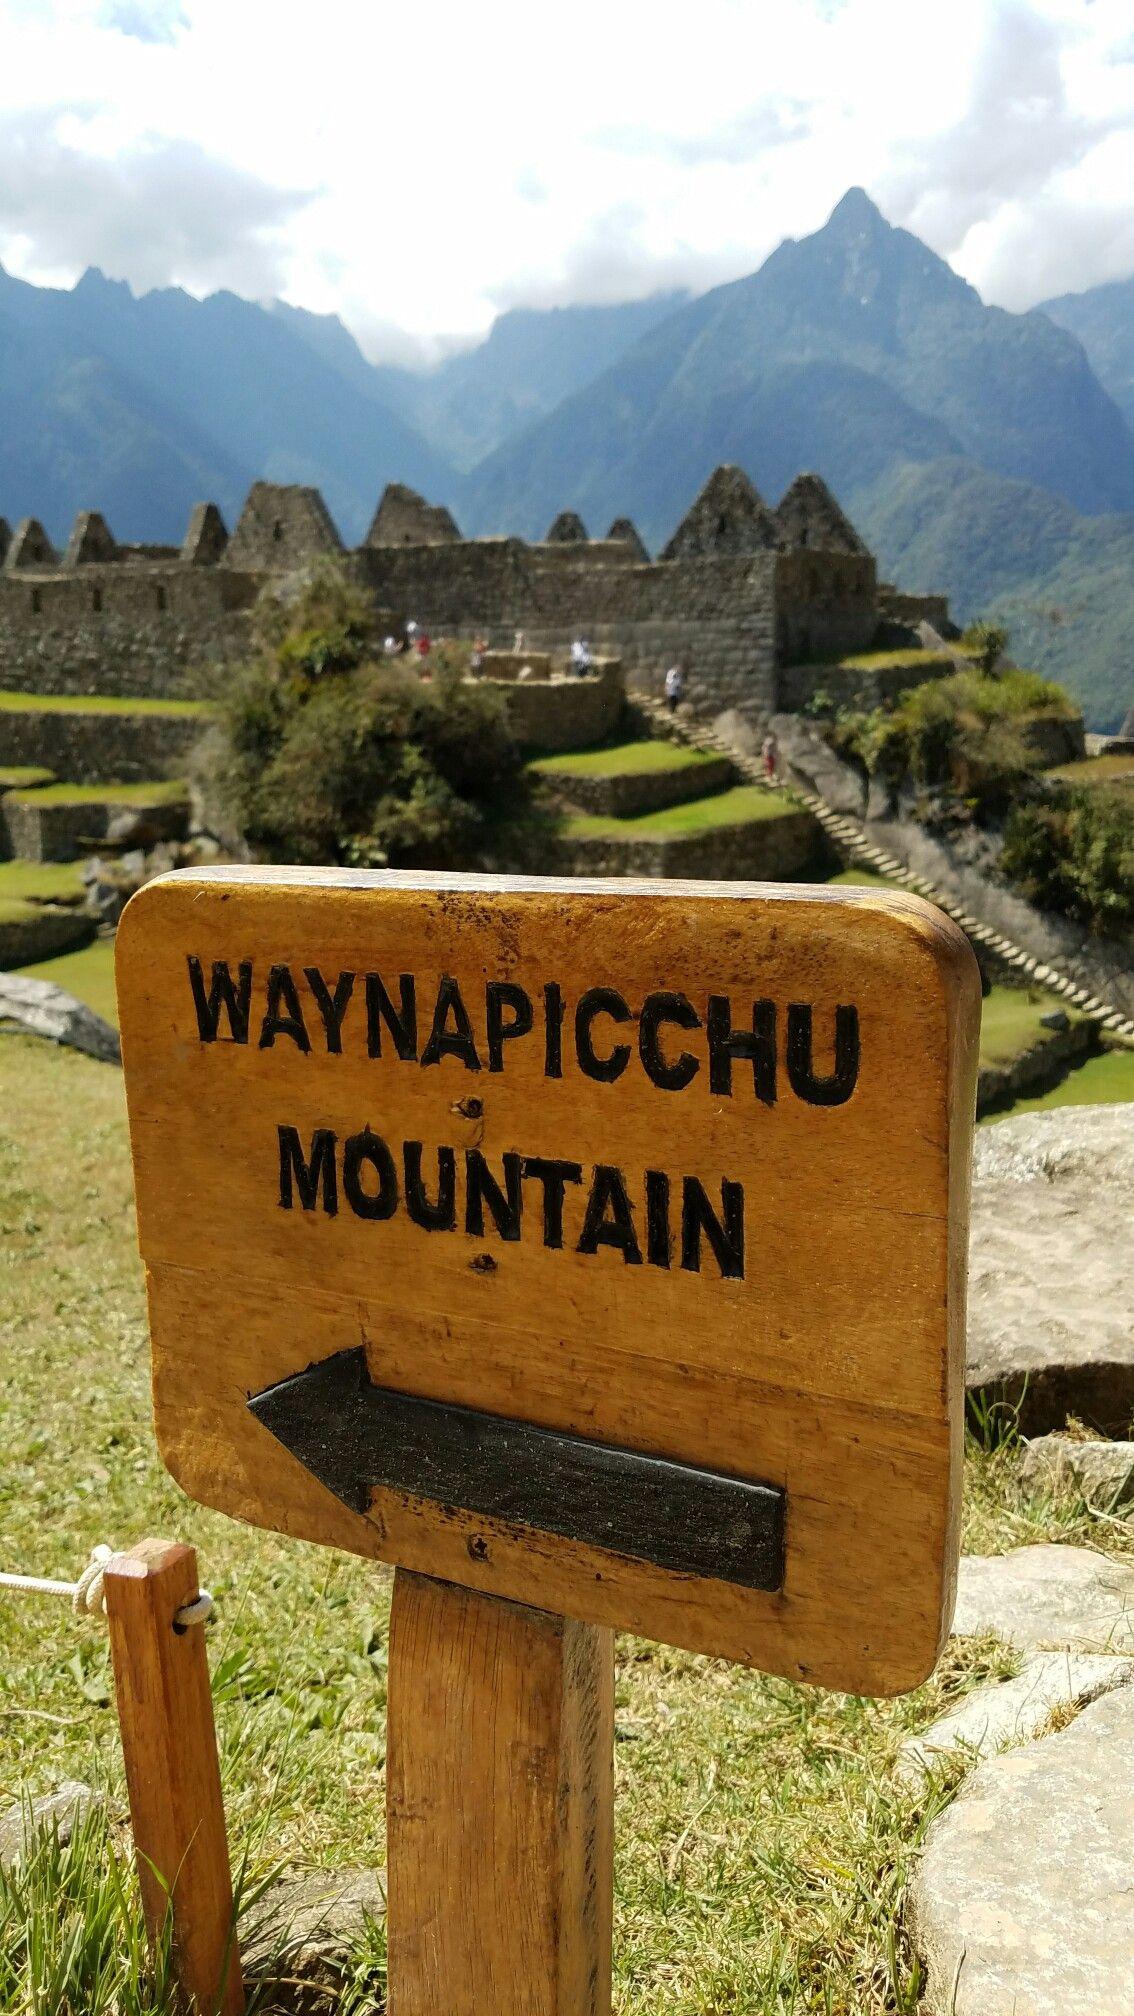 Machu Picchu - Cusco, Peru. Original photography by R. Stowe.